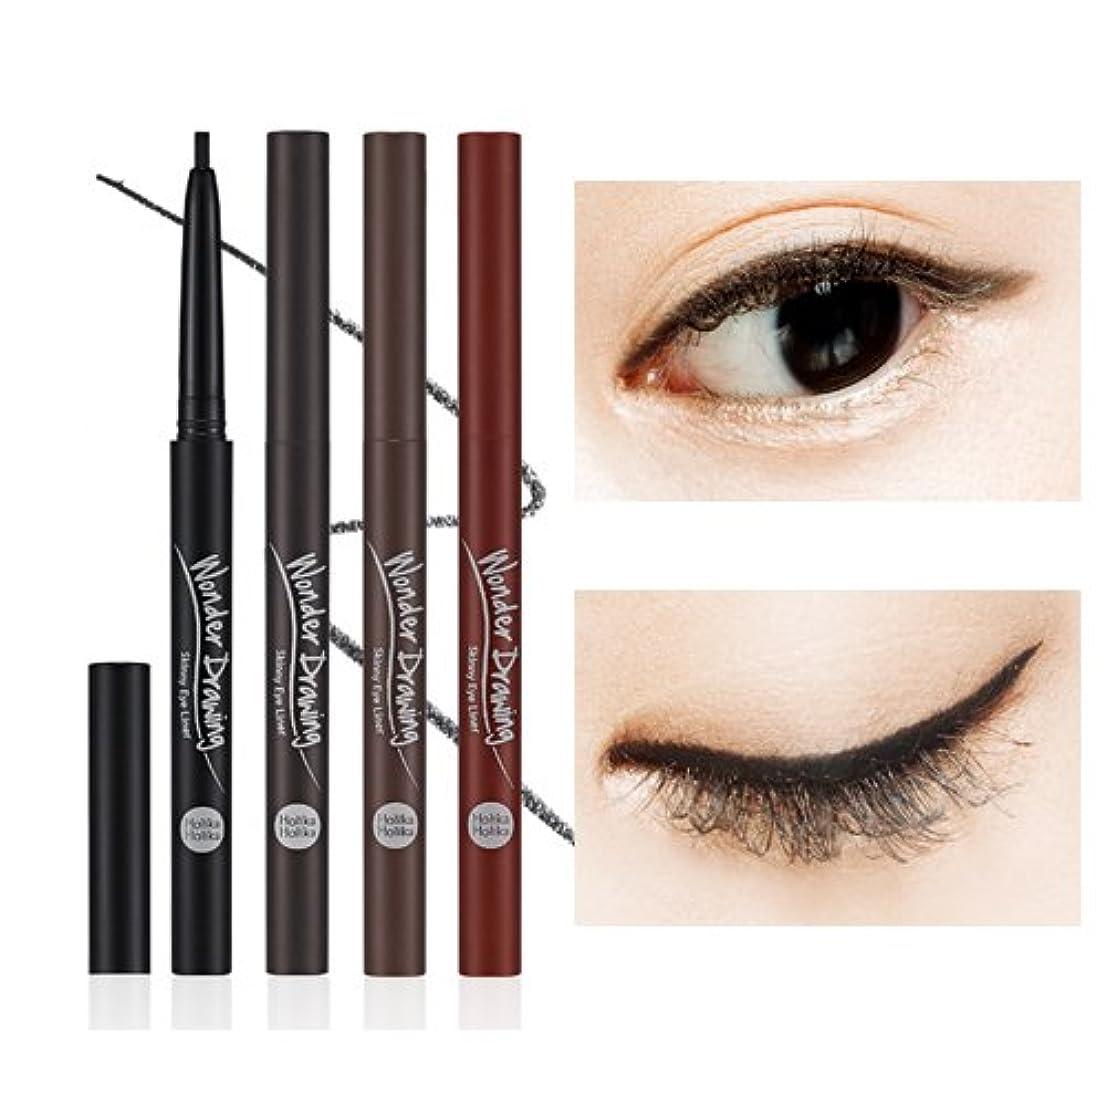 クラッシュマイルストーン動機【2本セット】ホリカホリカ ワンダードローイングスキニーアイライナー/HolikaHolika Wonder Drawing Skinny Eyeliner 0.14g (#01 Real Black) [並行輸入品]